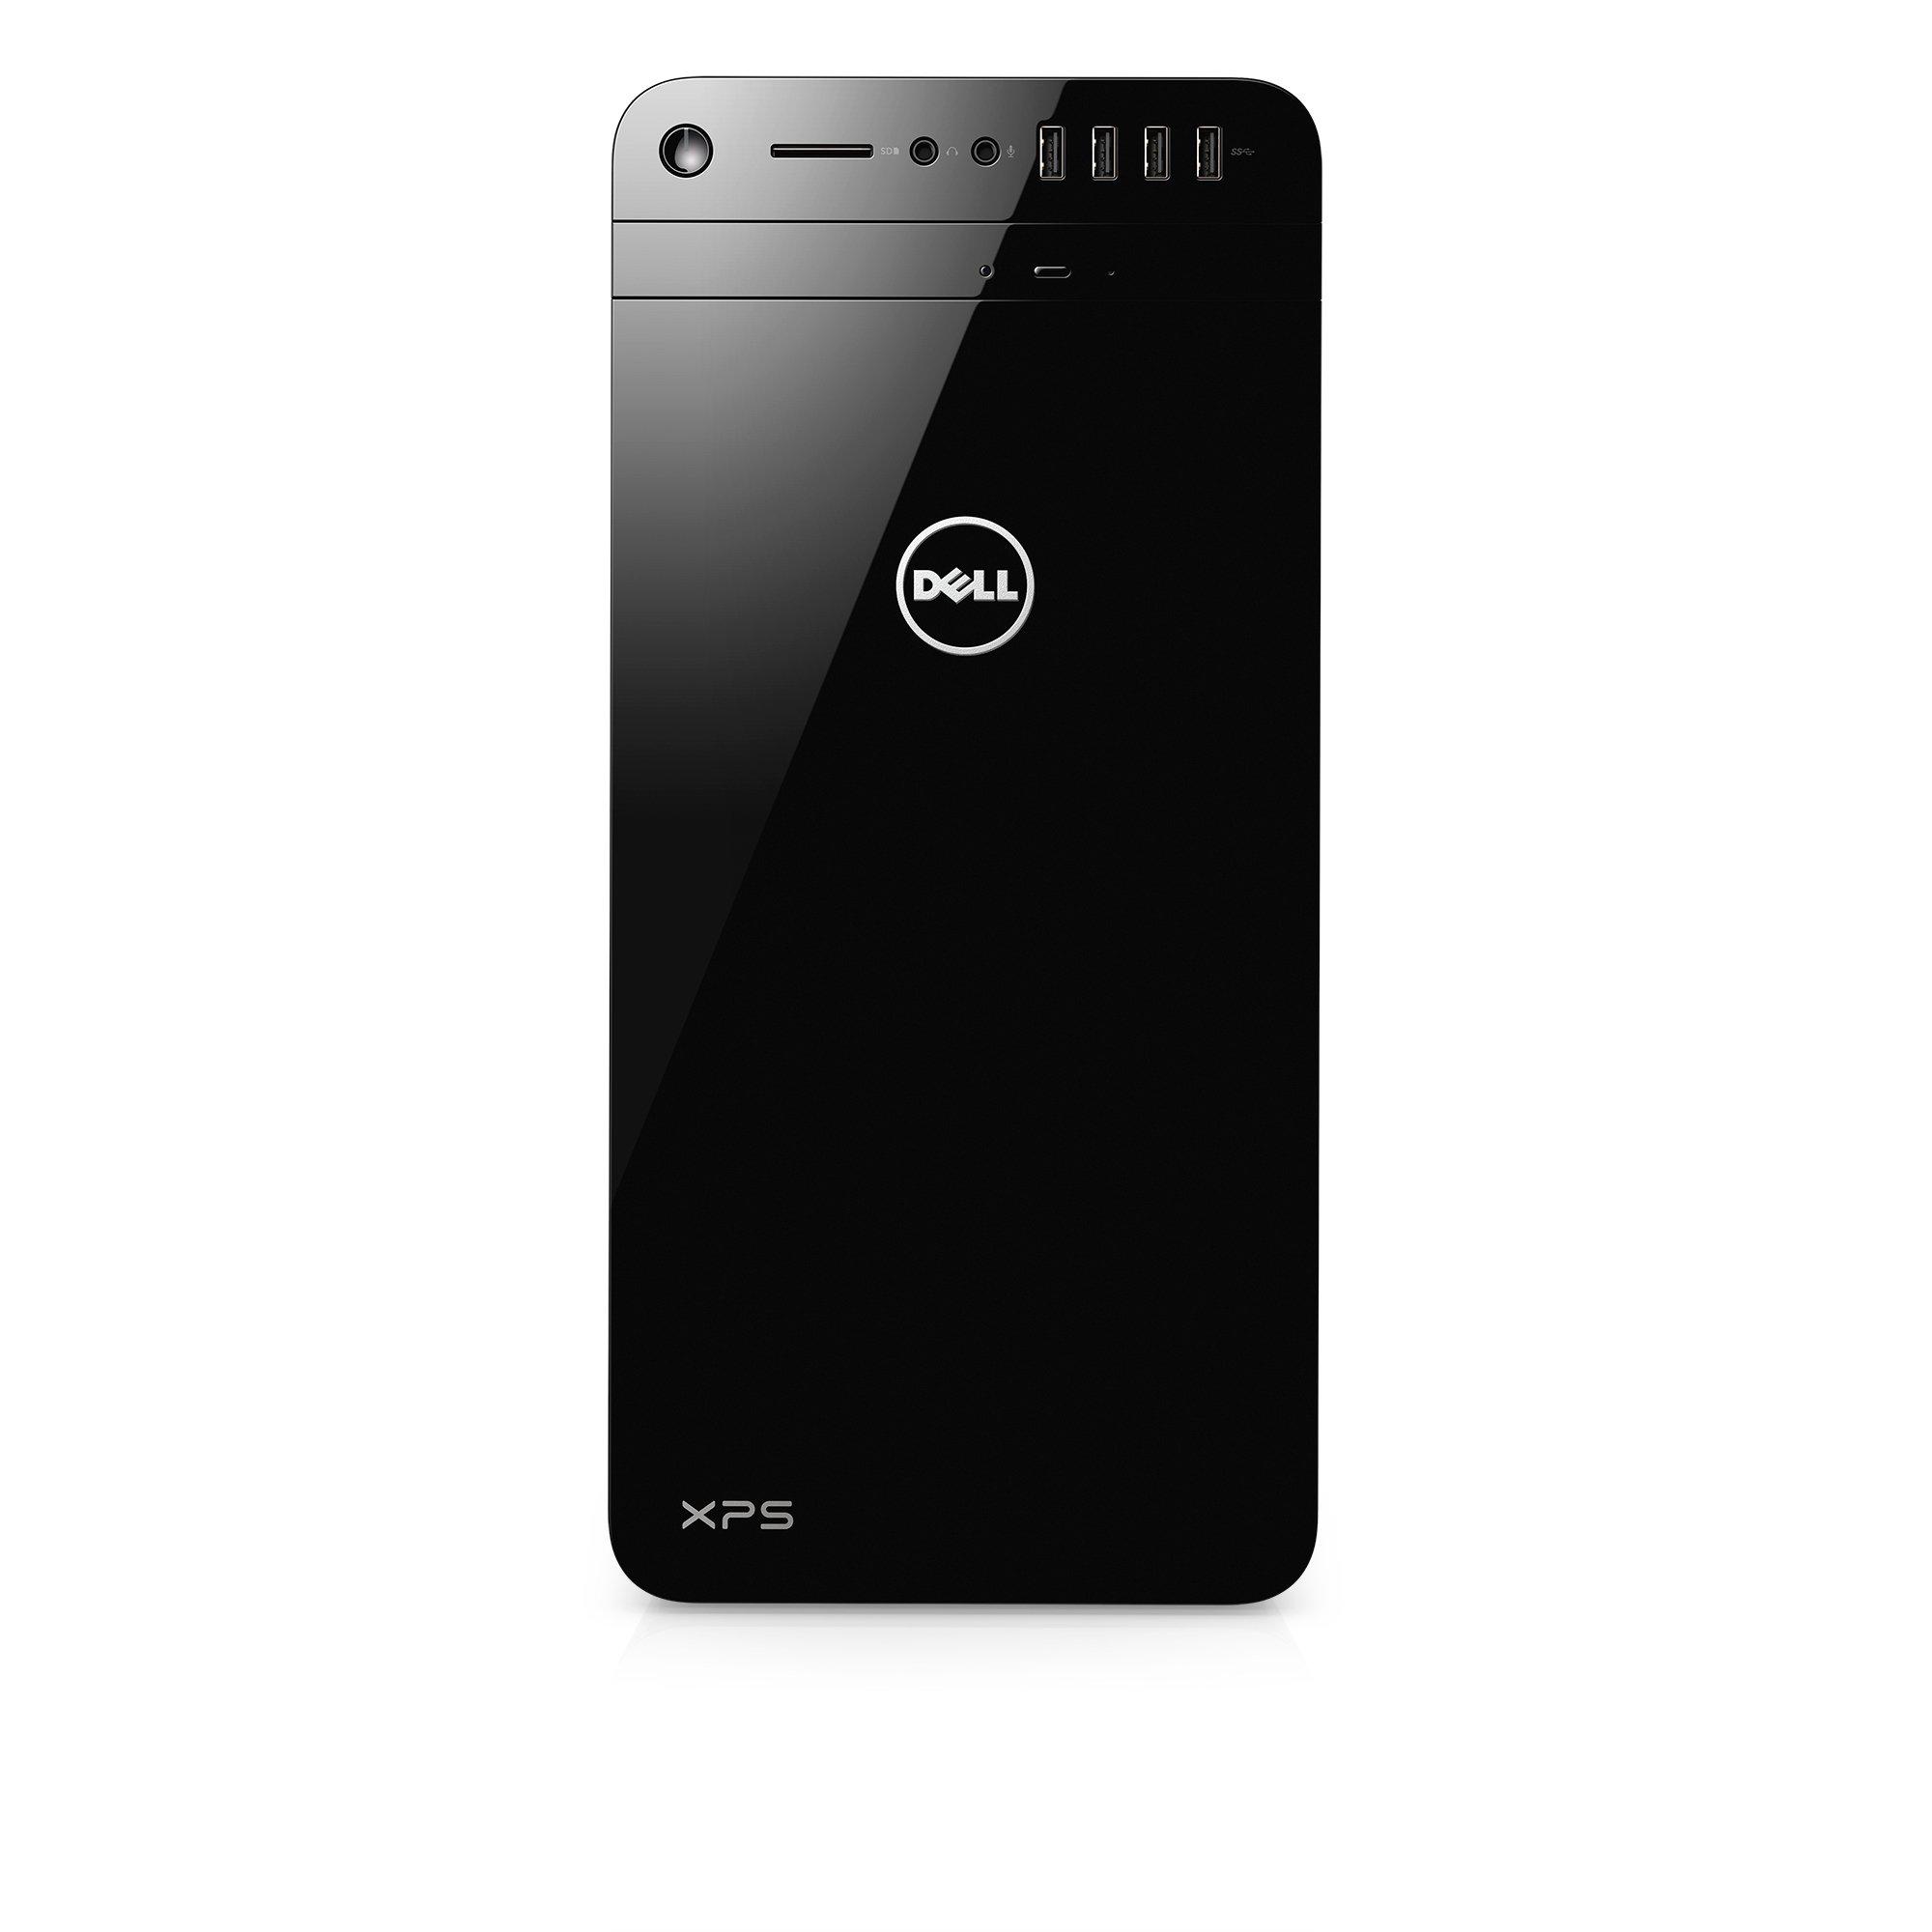 Dell XPS8920-7673BLK-PUS Tower Desktop Black